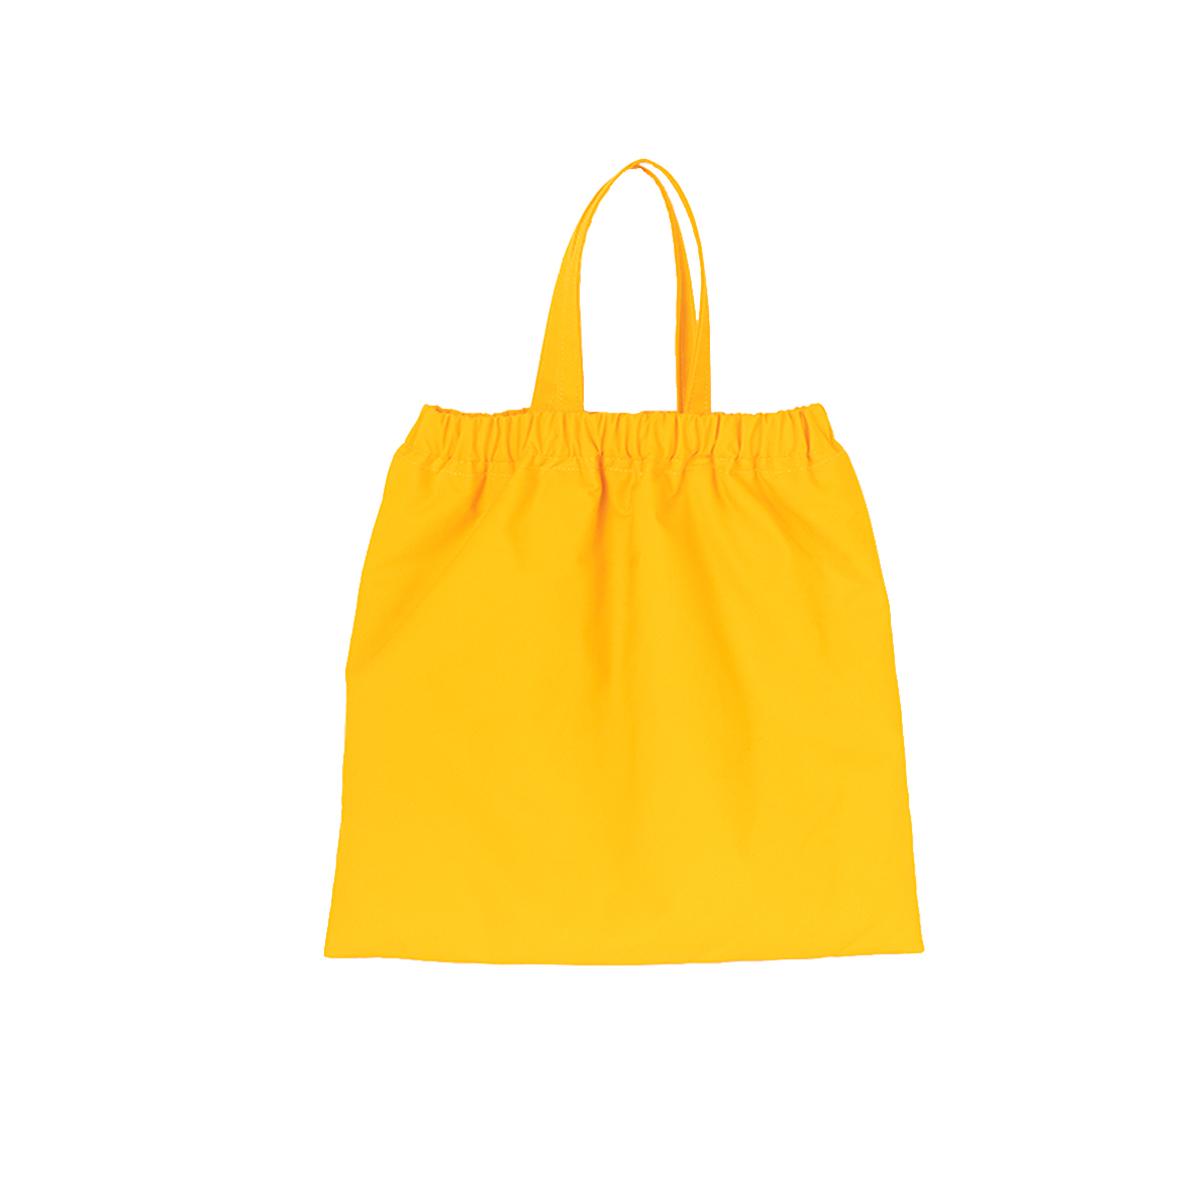 플랫폼엘 martens and martens wrinkle bag (warm yellow)